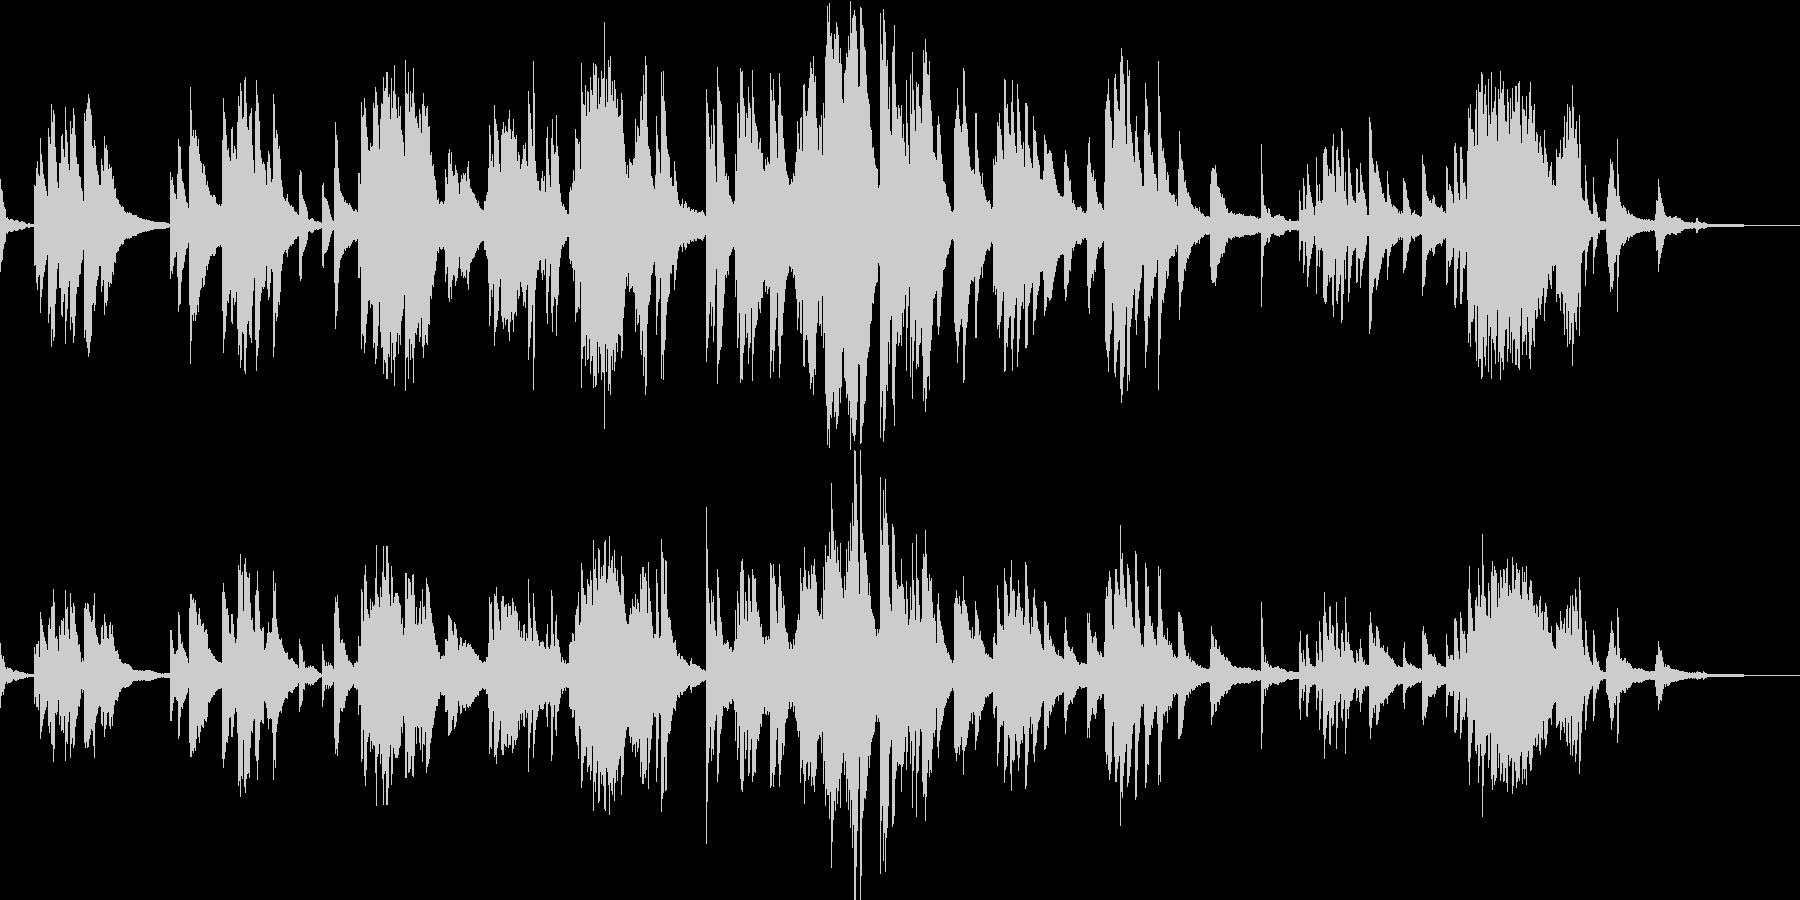 クロード・ドビュッシーの前奏曲 第8曲の未再生の波形